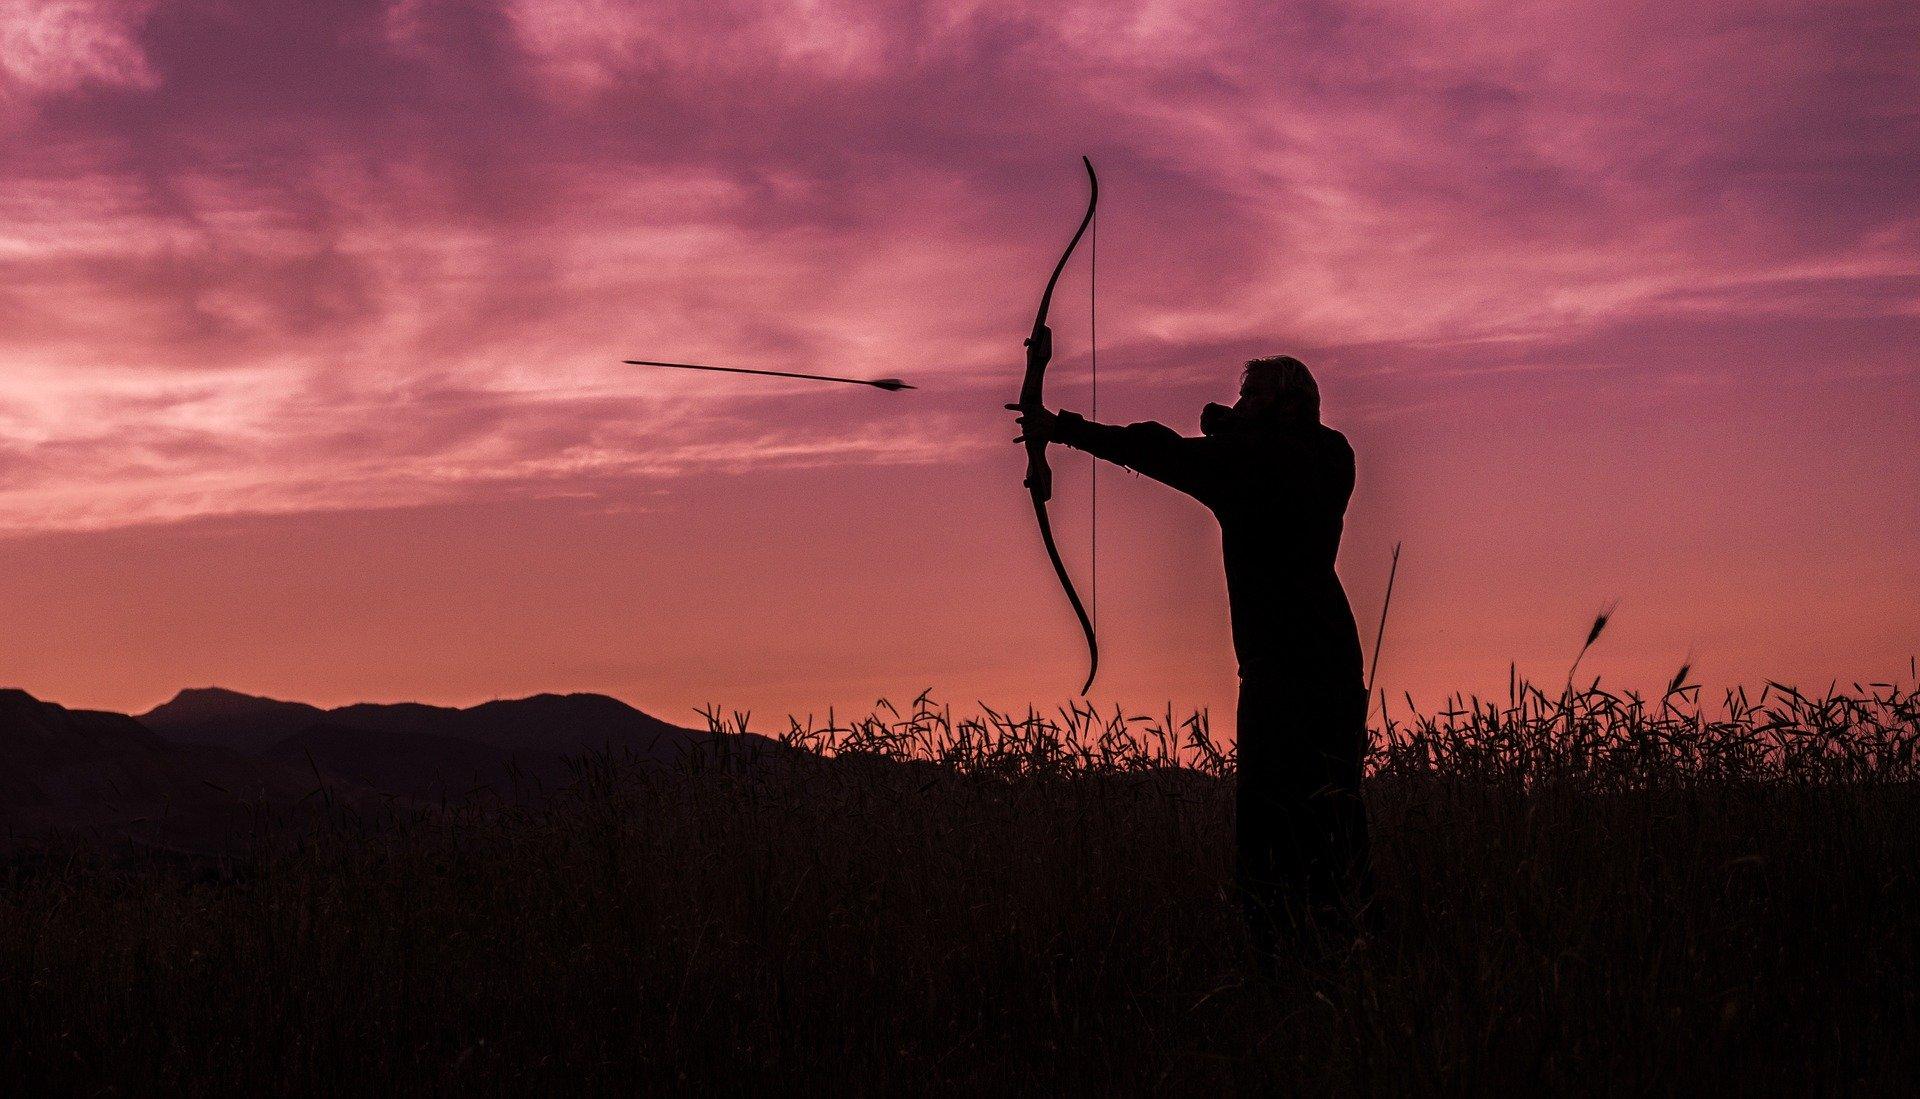 archer-2345211_1920